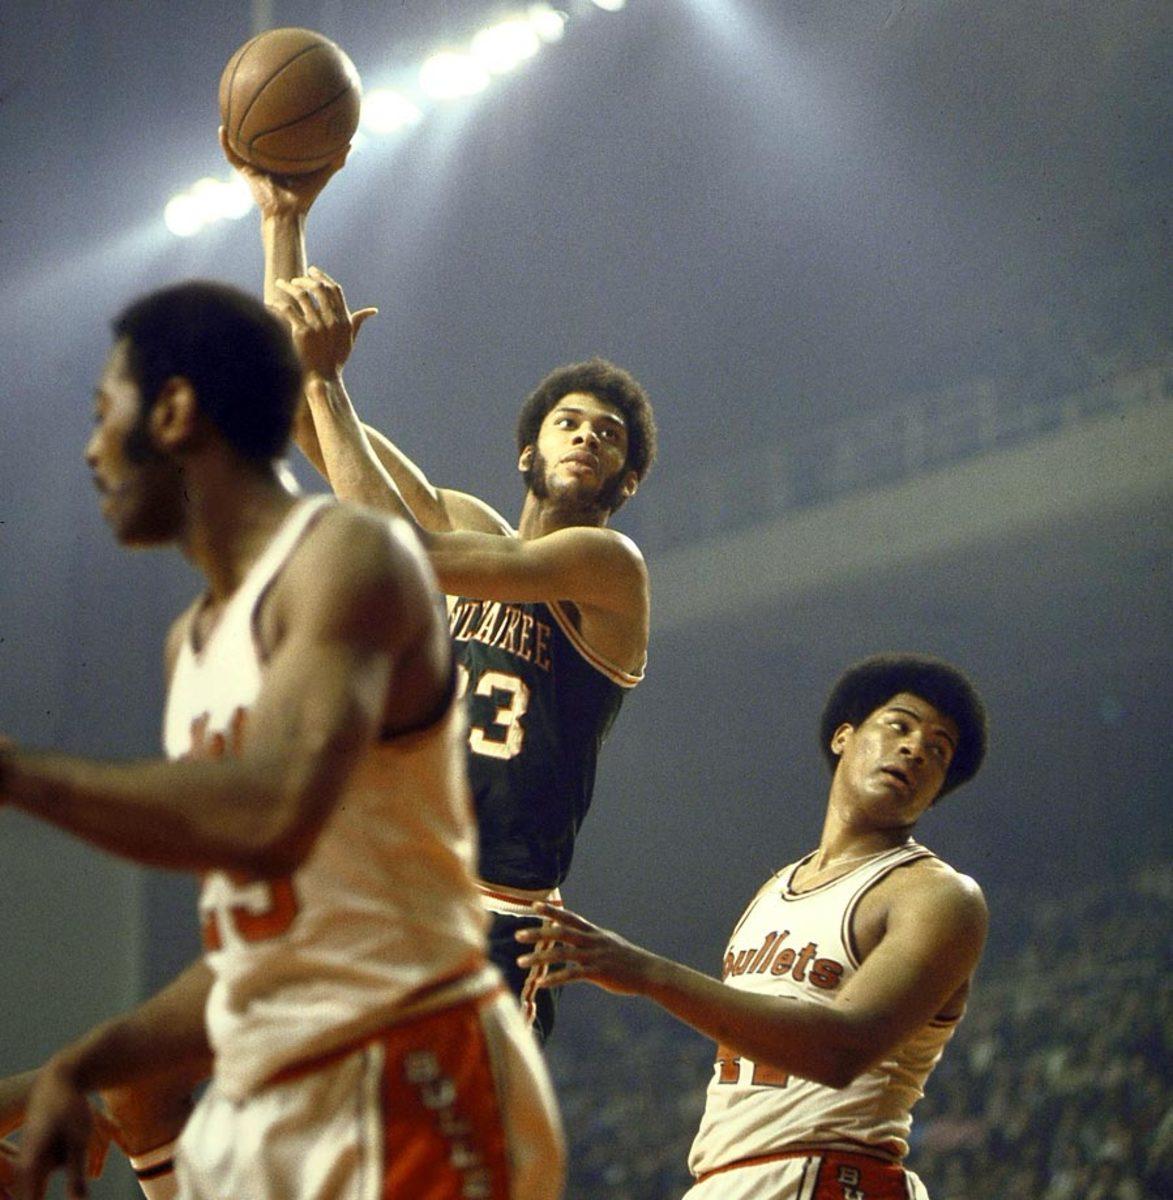 88-1971-kareem-abdul-jabbar.jpg